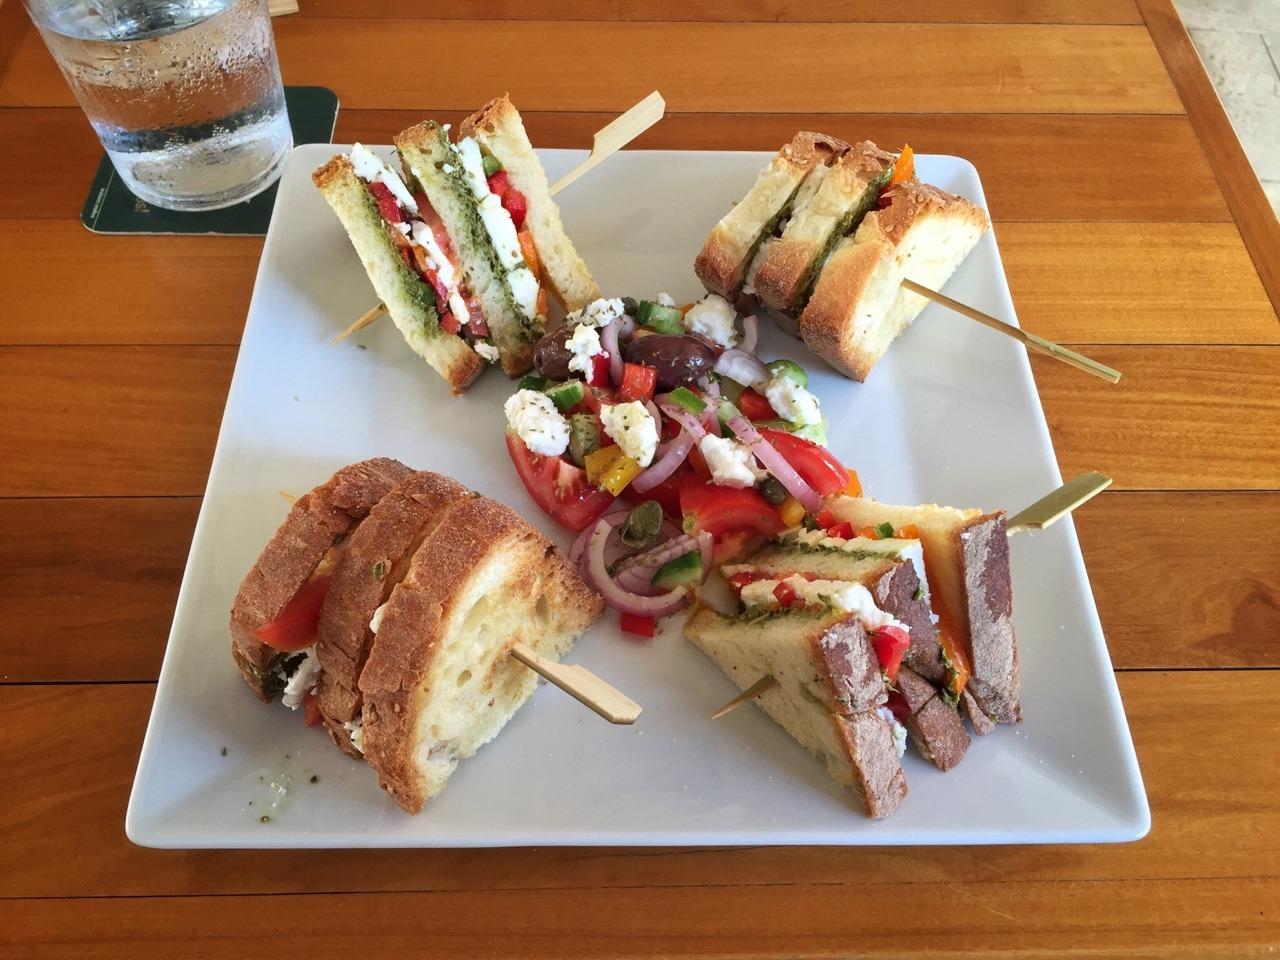 Pesto Feta Pepper Club Sandwich with Greek Salad. Yum!